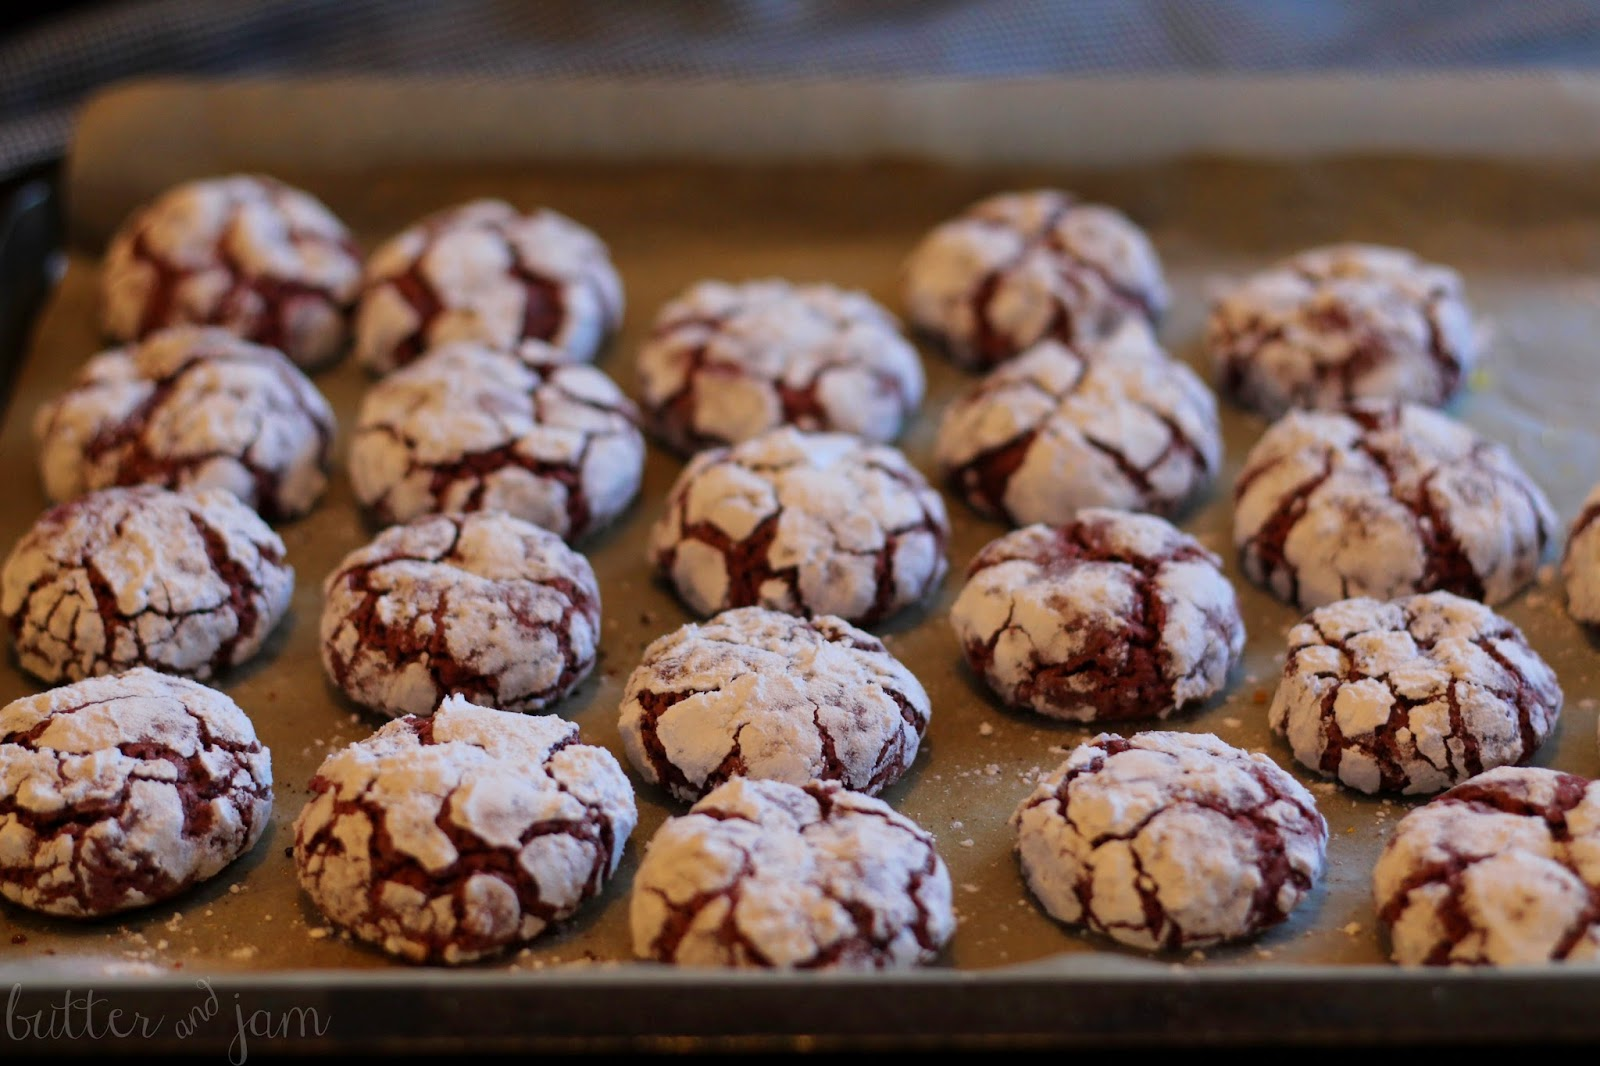 Butter Jam Red Velvet Crinkle Cookies